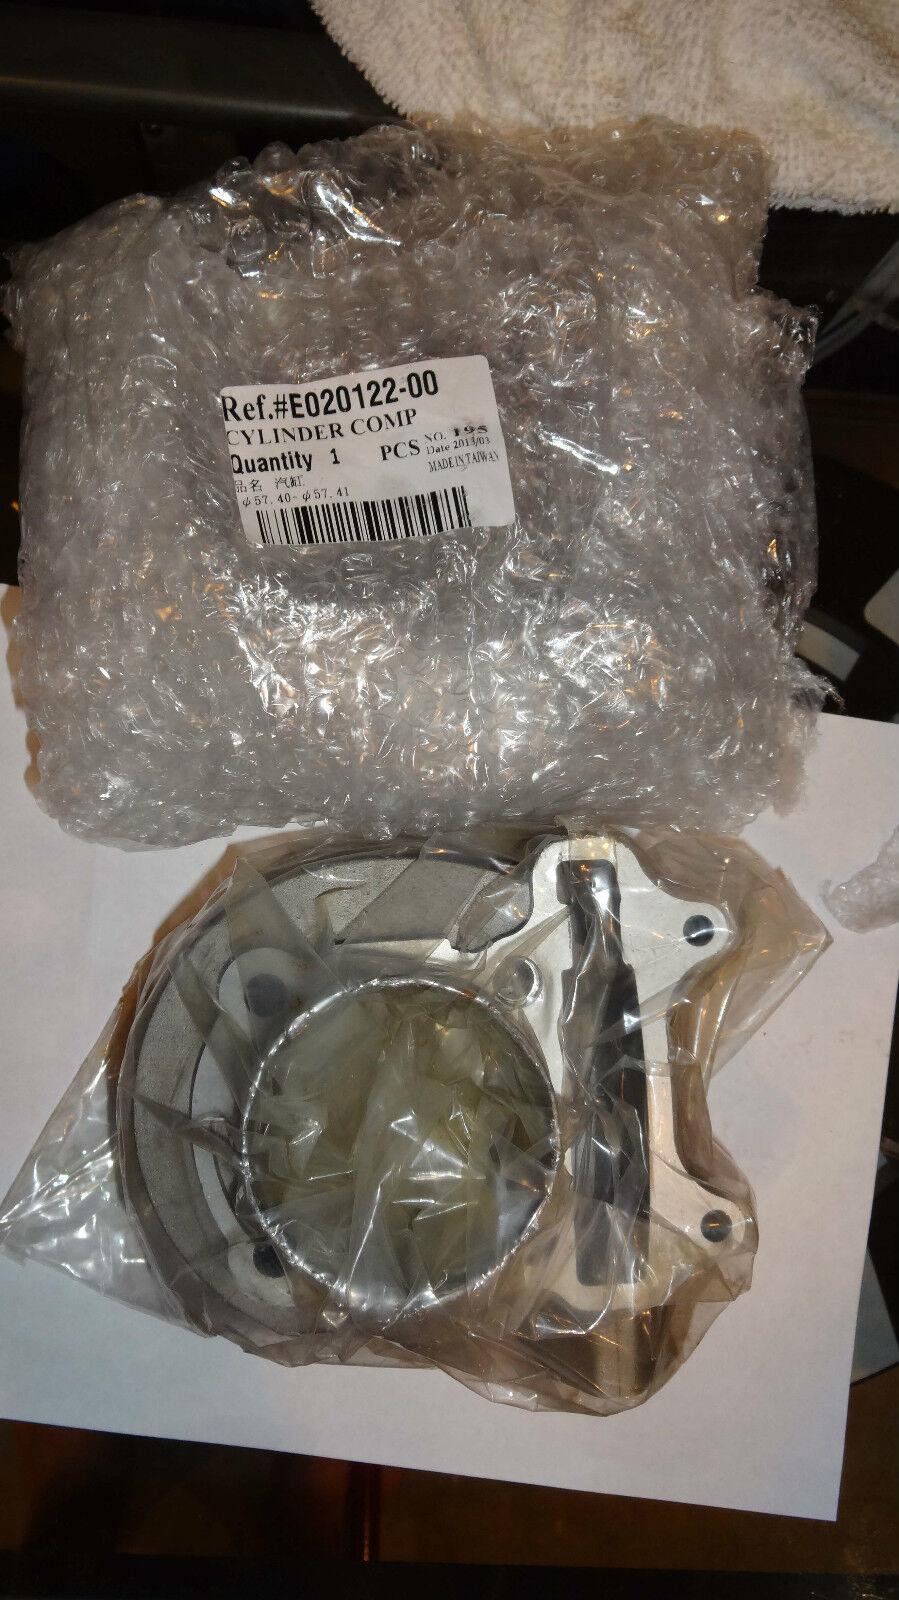 hight resolution of cylinder top end rebuild kit hammerhead 250 joyner 250 250cc go kart dune buggy for sale online ebay